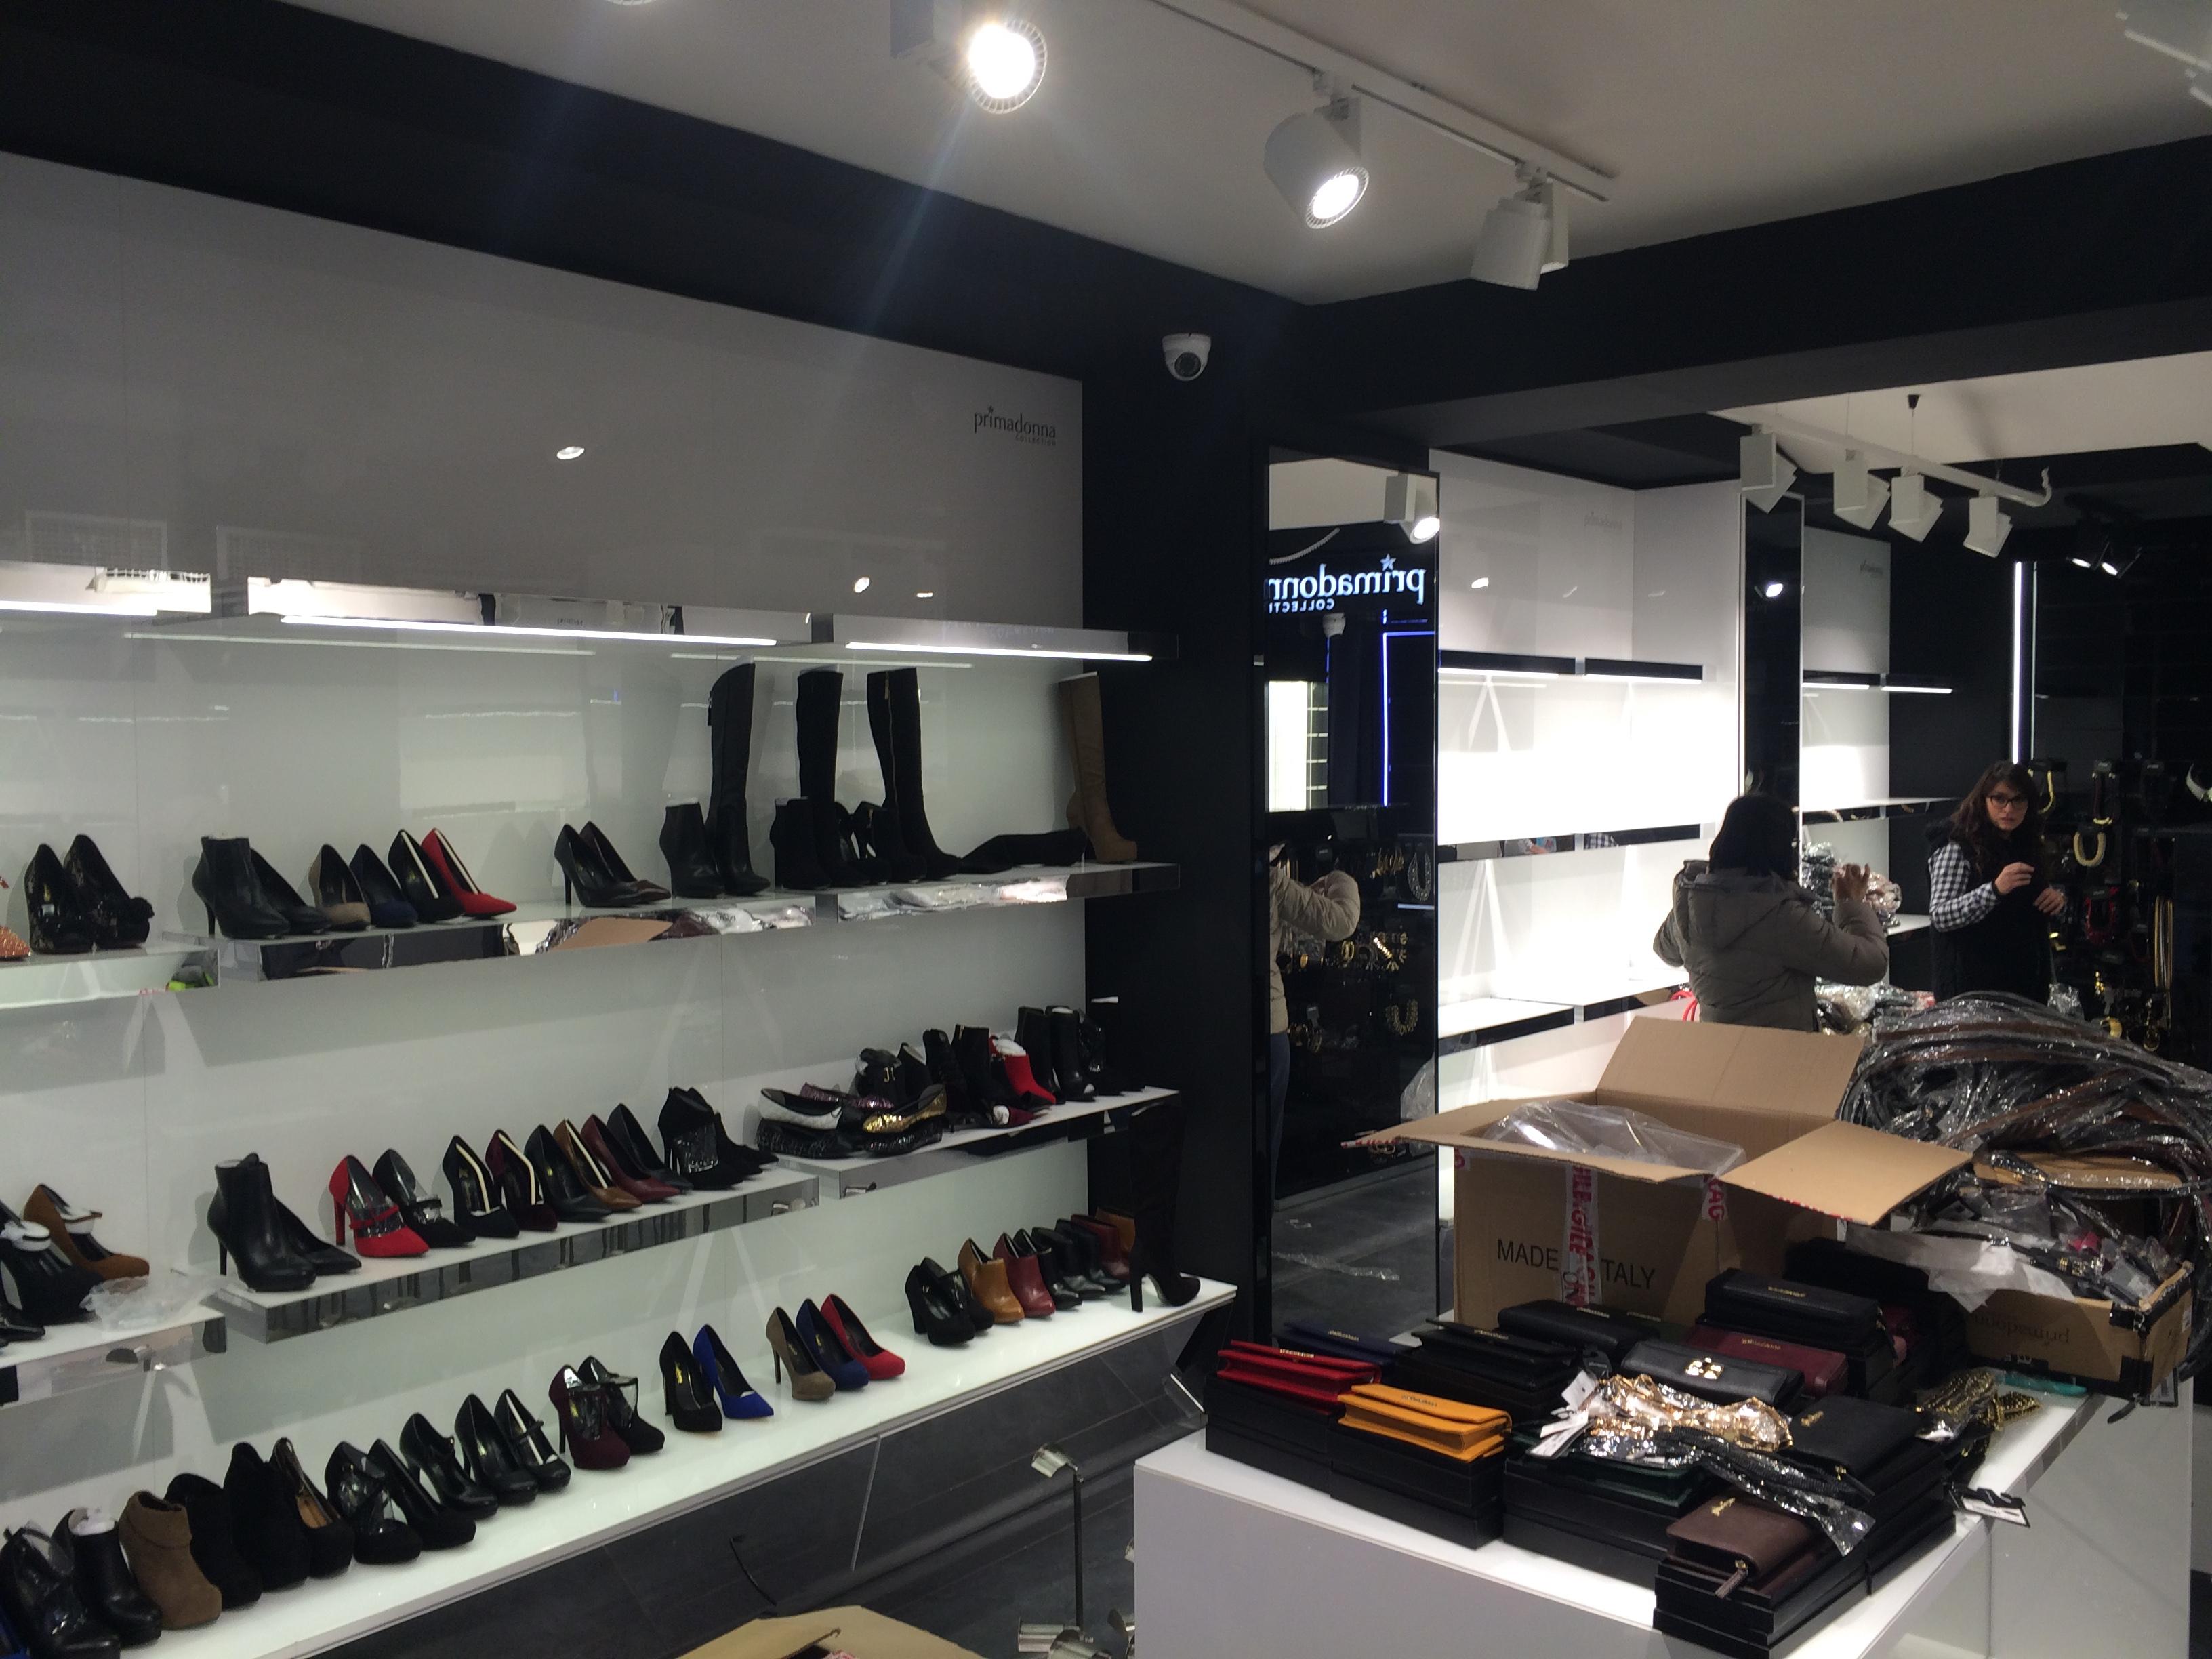 Ristrutturazione negozi Torino, ristrutturazione locali commerciali Torino